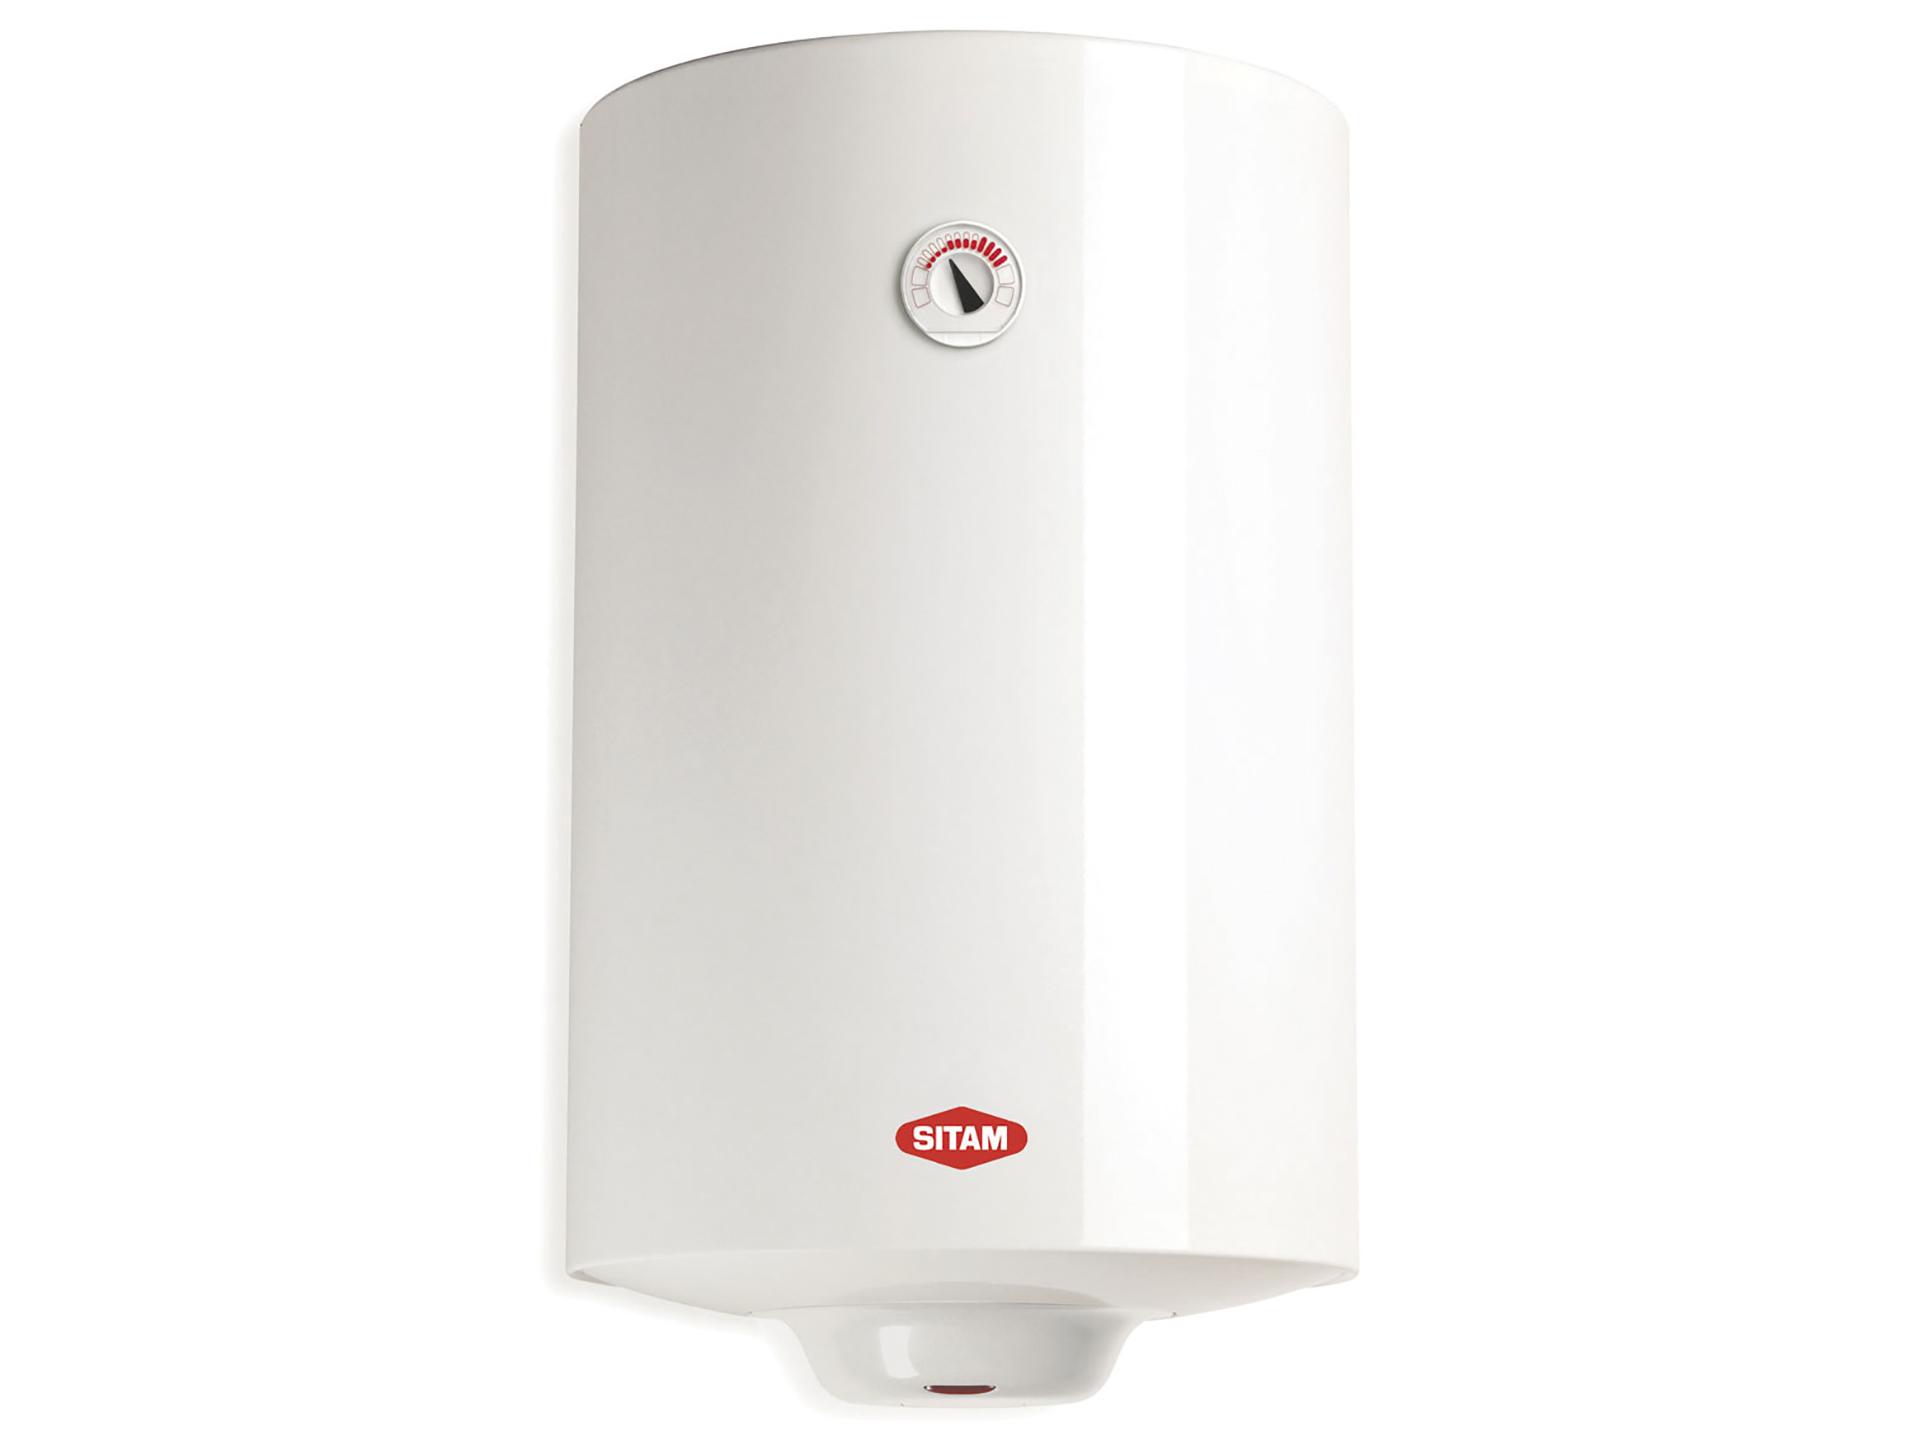 Chauffe eau gaz vaillant prix simple prix chauffe eau - Prix chauffe eau gaz ...